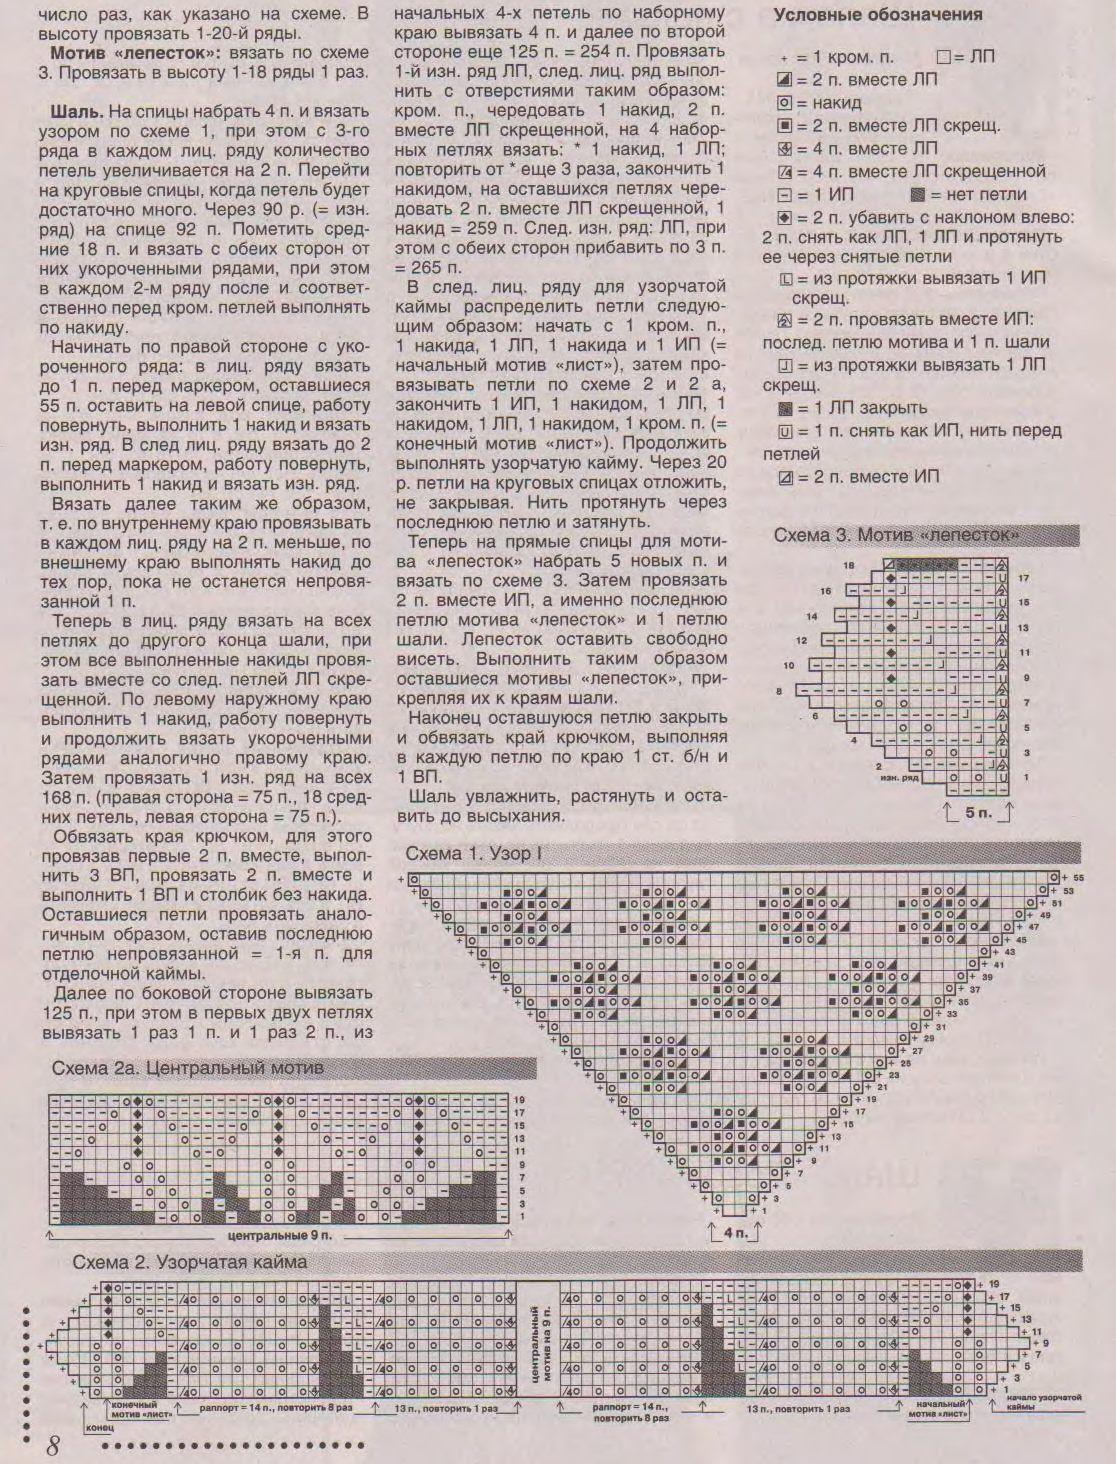 Вязание шали Харуни в подробном мастер-классе с описанием 58